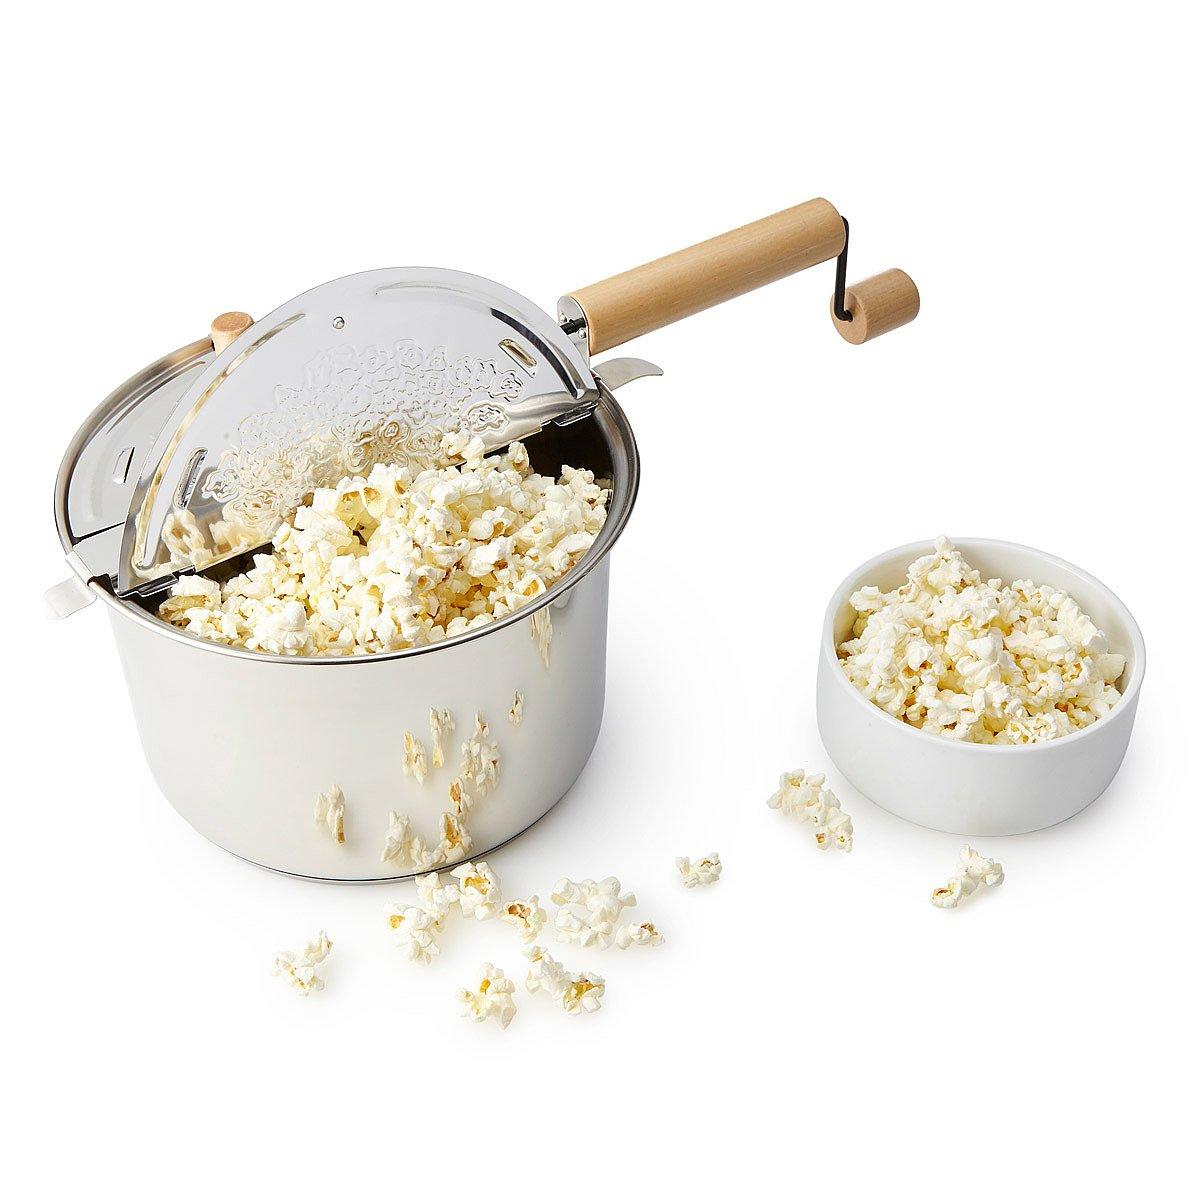 stovetop popcorn popper - Popcorn Poppers